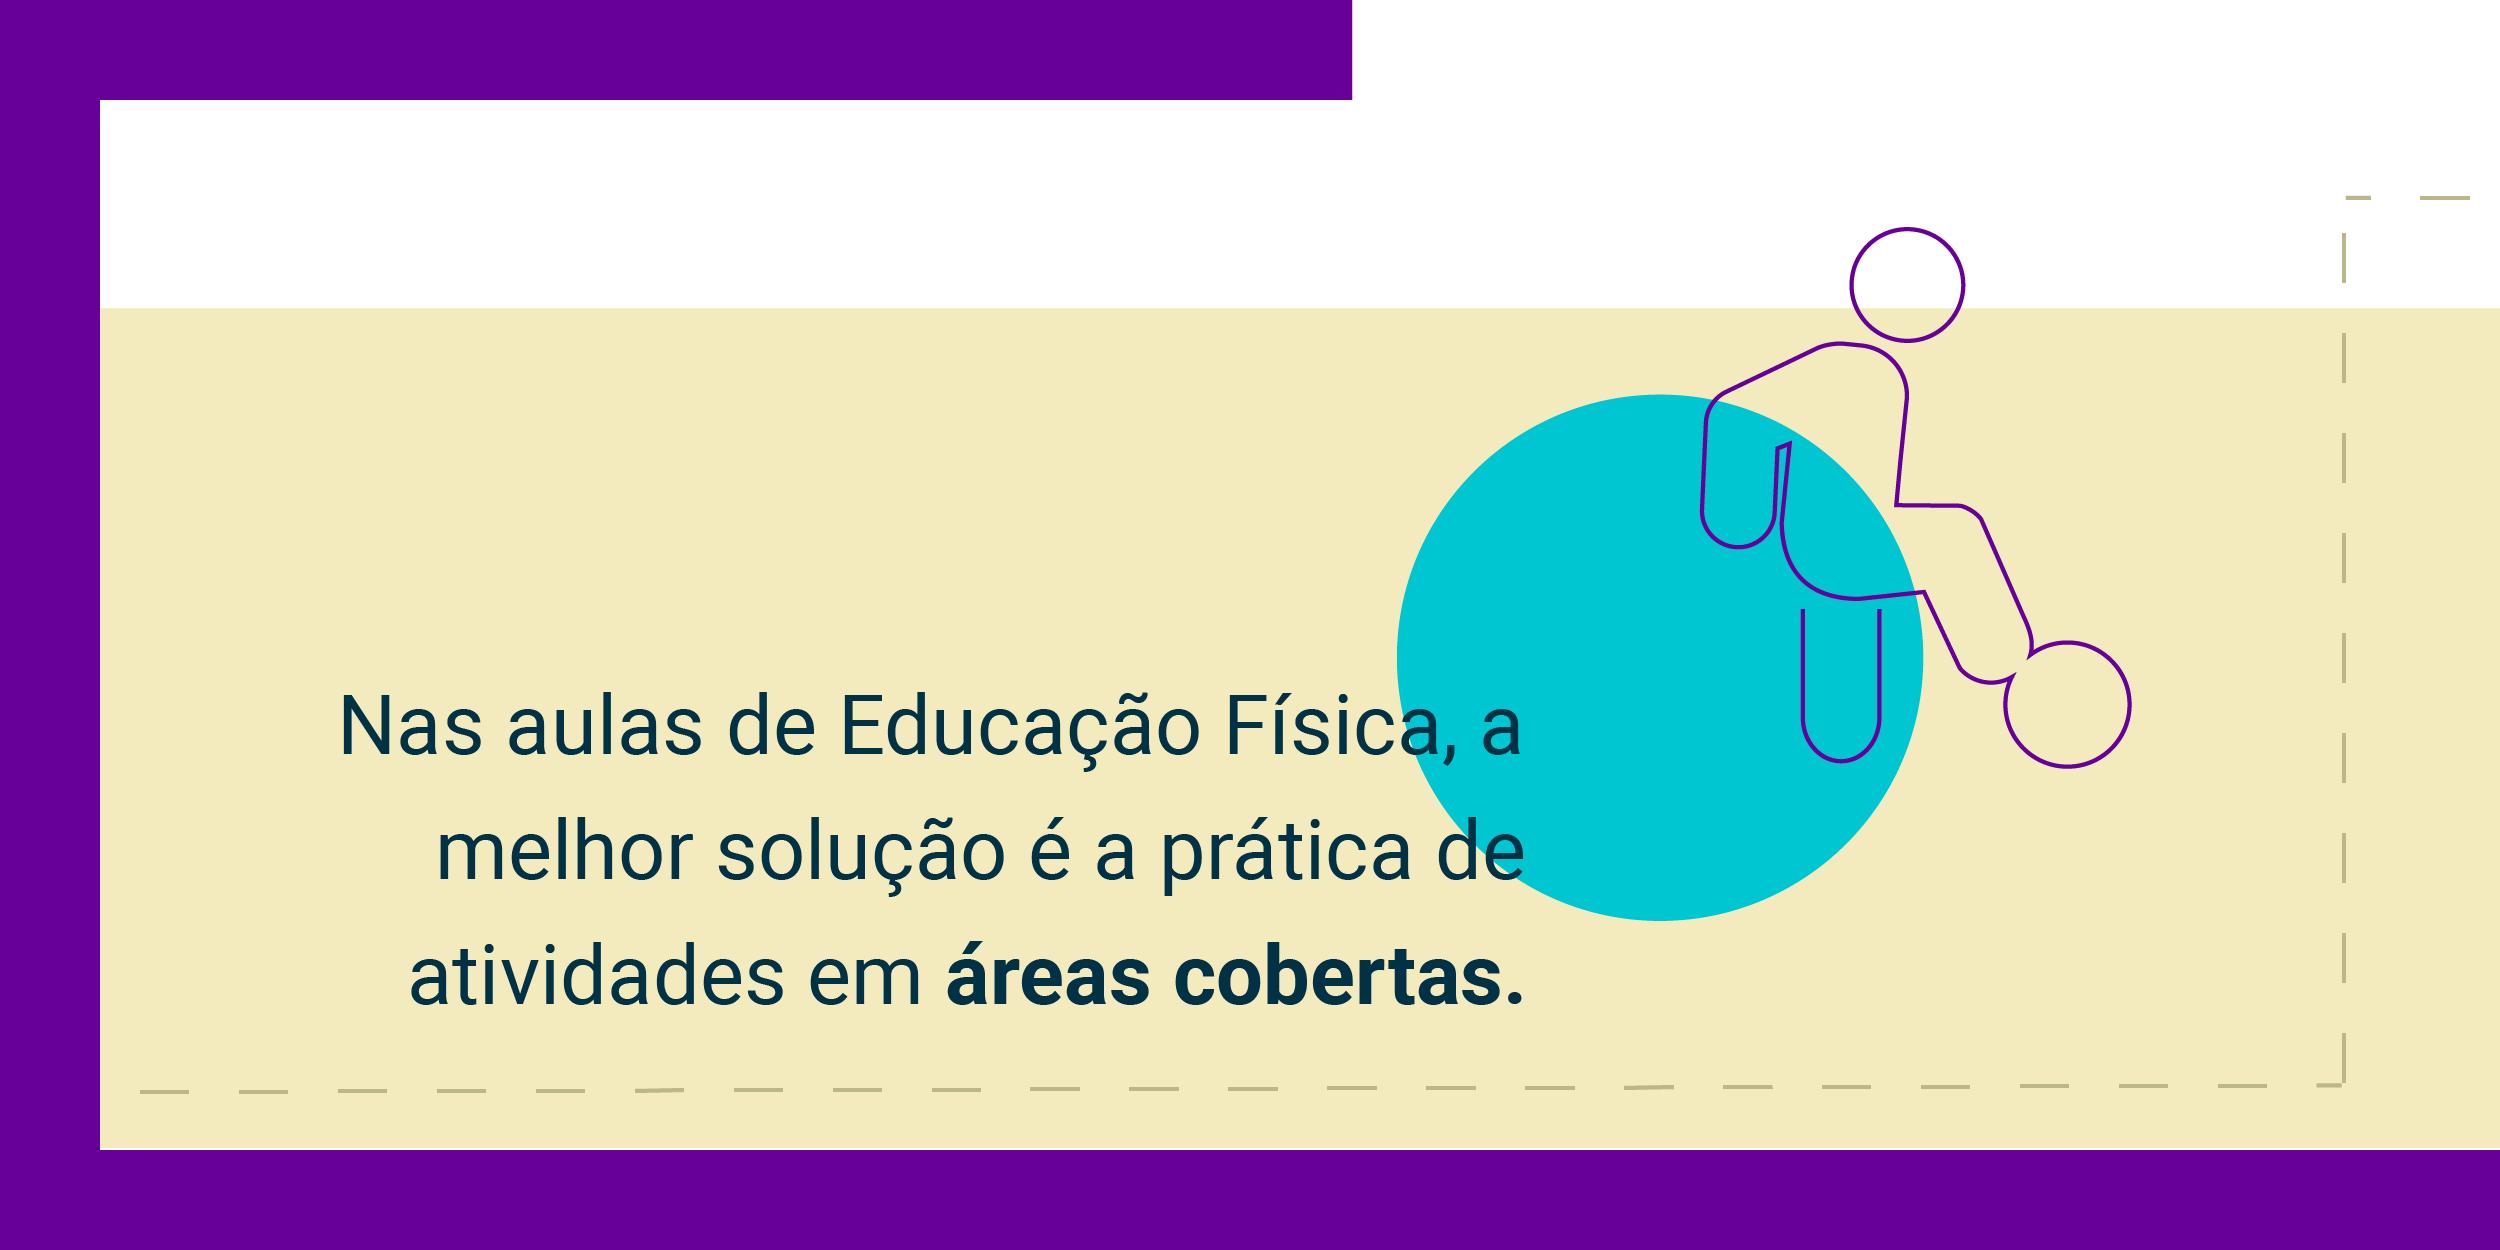 Imagem com a frase Nas aulas de Educação Física, a melhor solução é a prática de atividades em áreas cobertas.